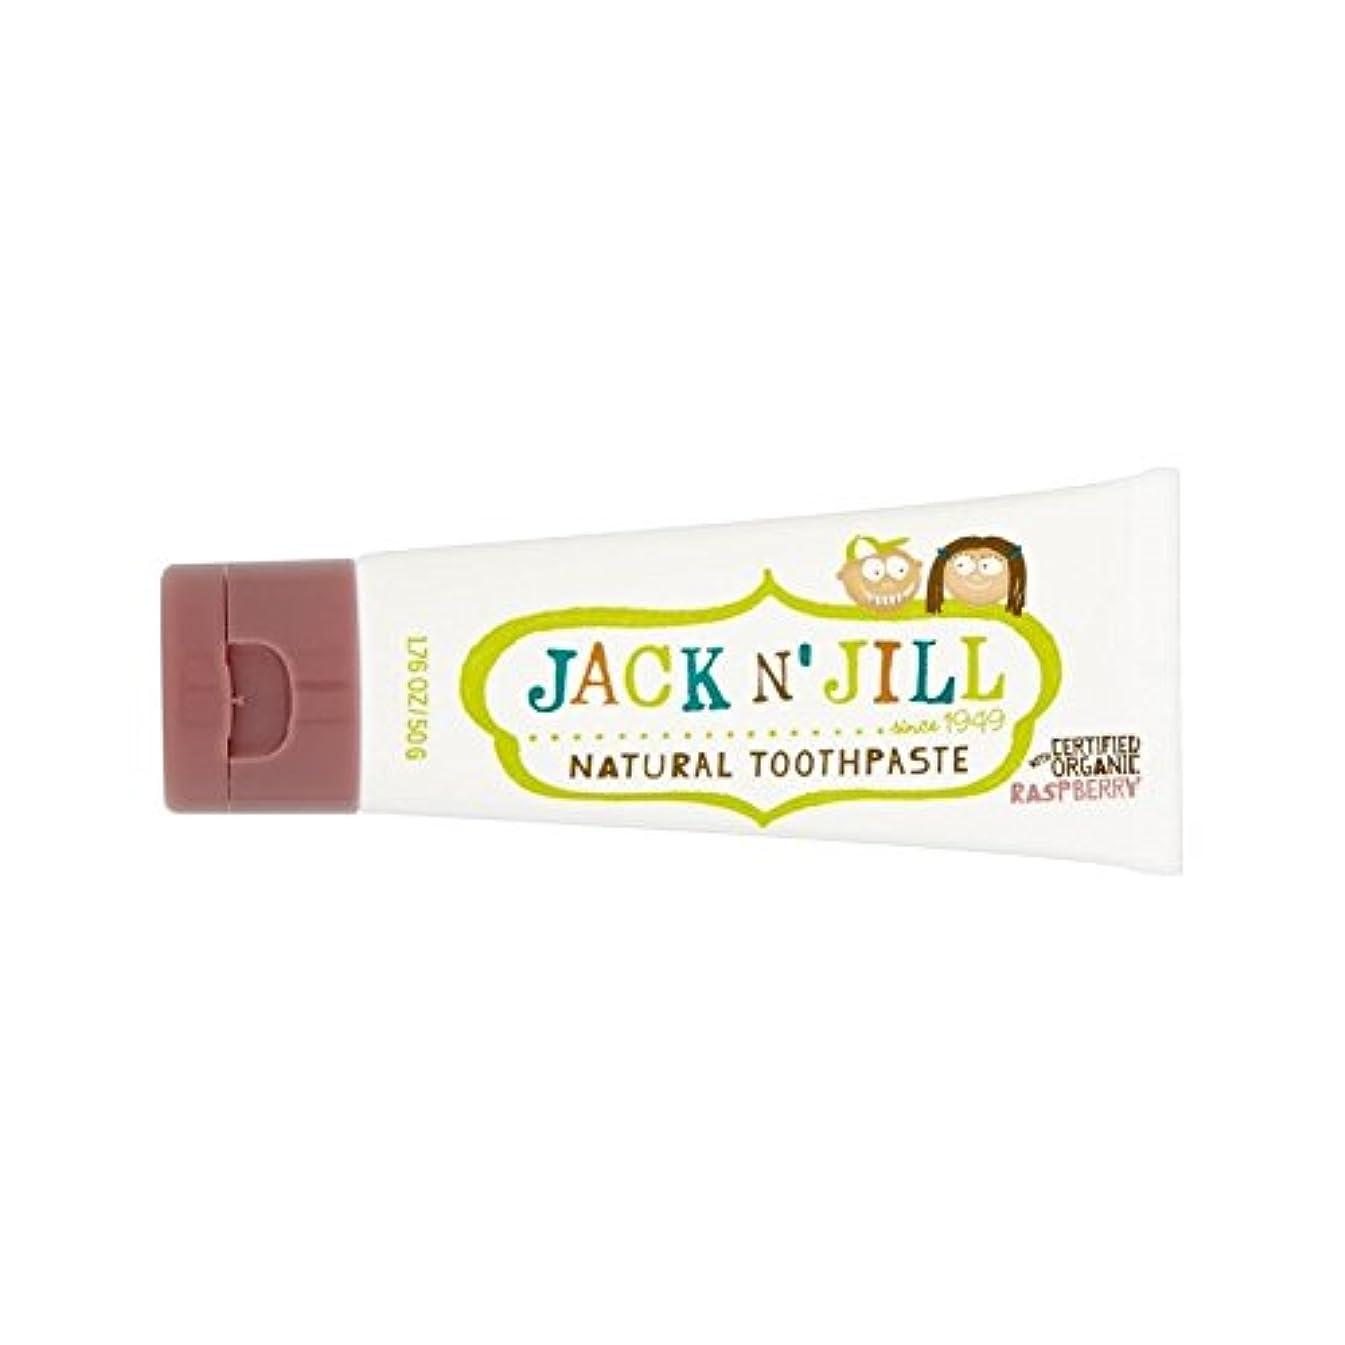 頑固な液化するスポンジ有機香味50グラム天然ラズベリー歯磨き粉 (Jack N Jill) (x 4) - Jack N' Jill Raspberry Toothpaste Natural with Organic Flavouring 50g...